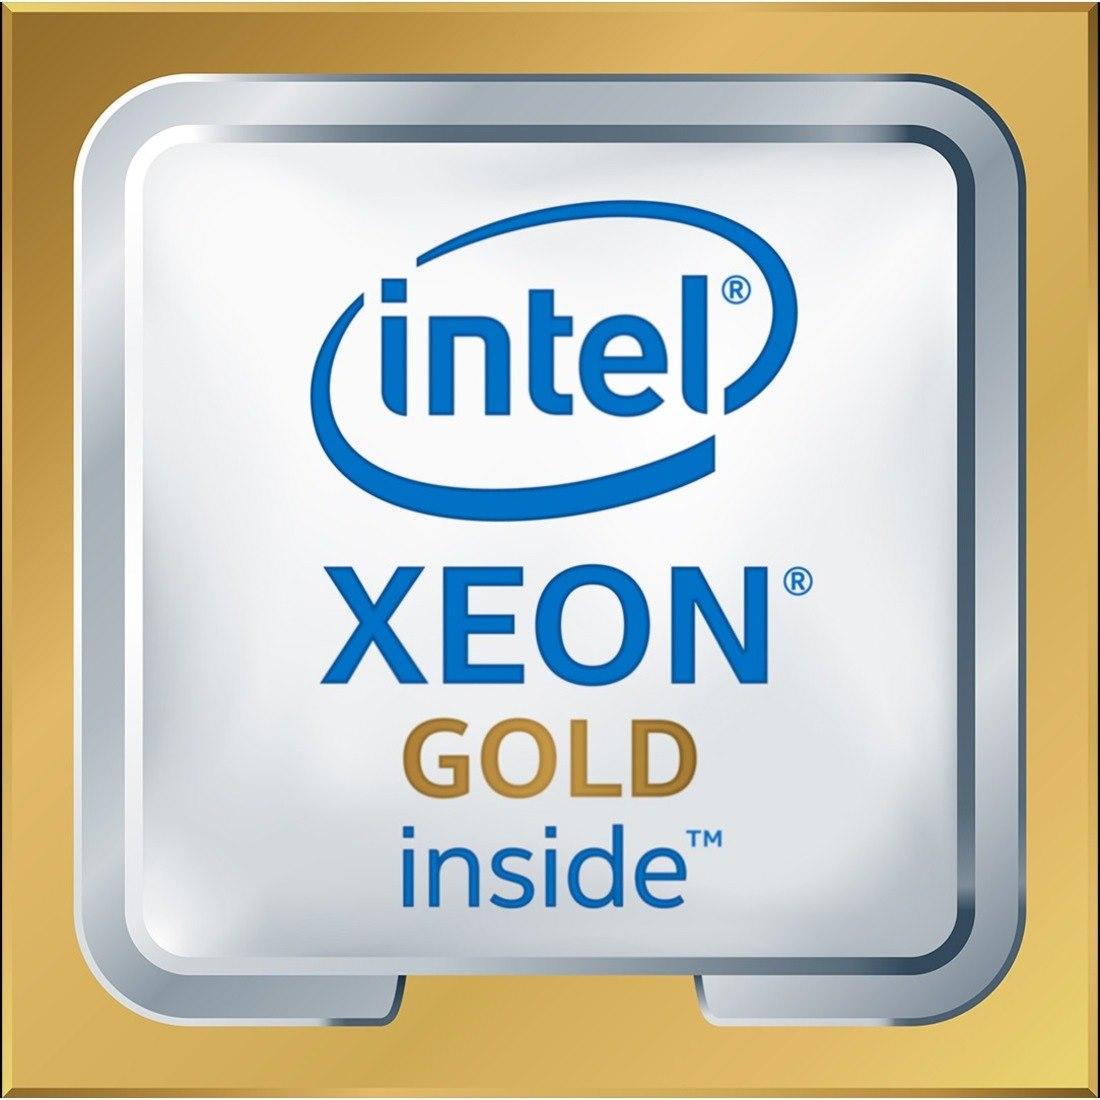 Cisco Intel Xeon Gold 6126 Dodeca-core (12 Core) 2.60 GHz Processor Upgrade